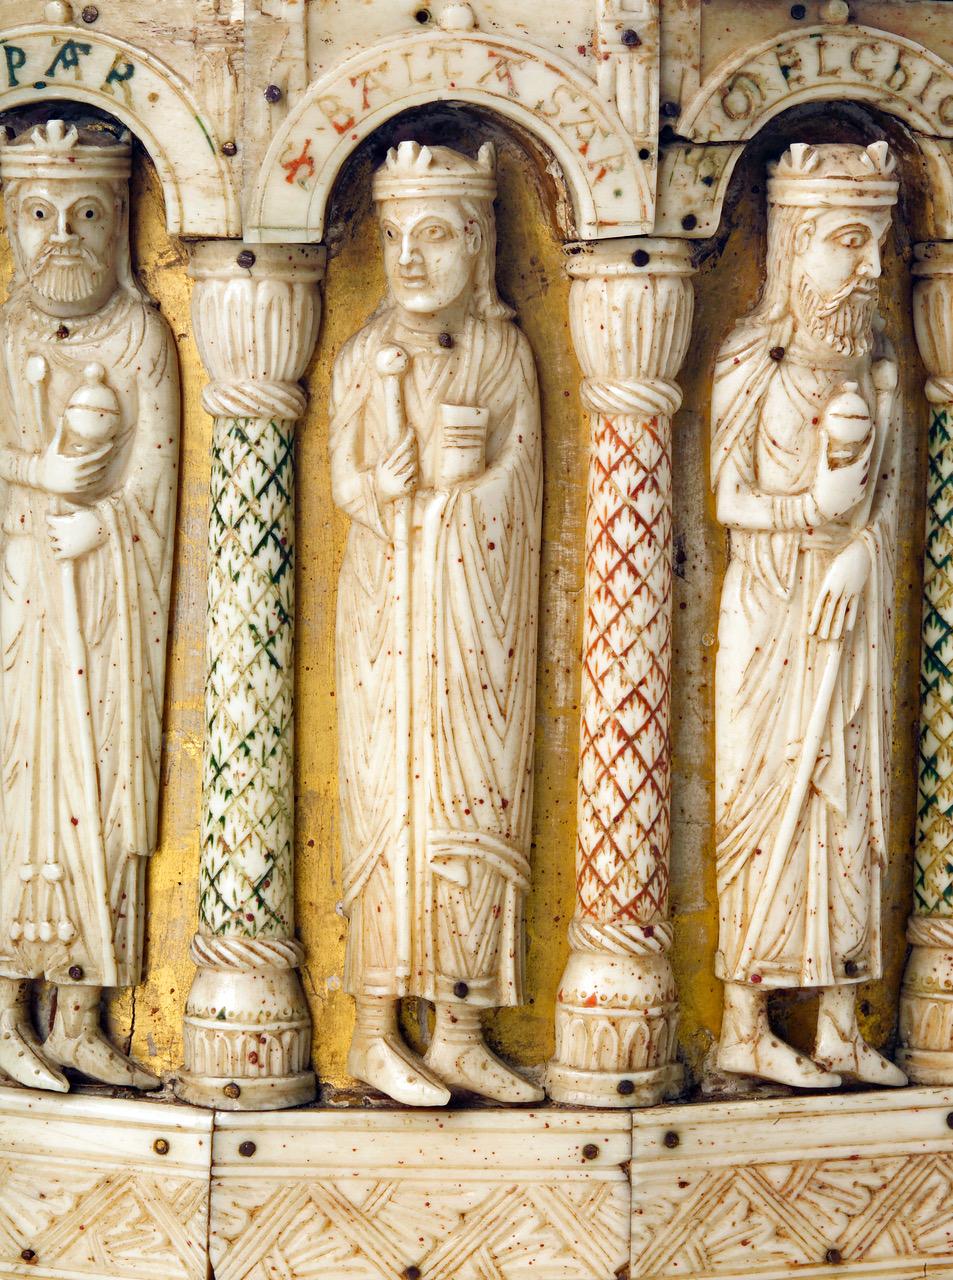 Zu sehen ist eine Detailansicht des Großen Turmreliquiars. Drei sehr fein ausgearbeiteten Elfenbeinfiguren stehen zwischen Säulen in jeweils eigenen Nischen mit Kuppeldach. Sowohl an den Säulen, als auch an der Überdachung der Nischen sind grüne und rote Farbreste erkennbar.